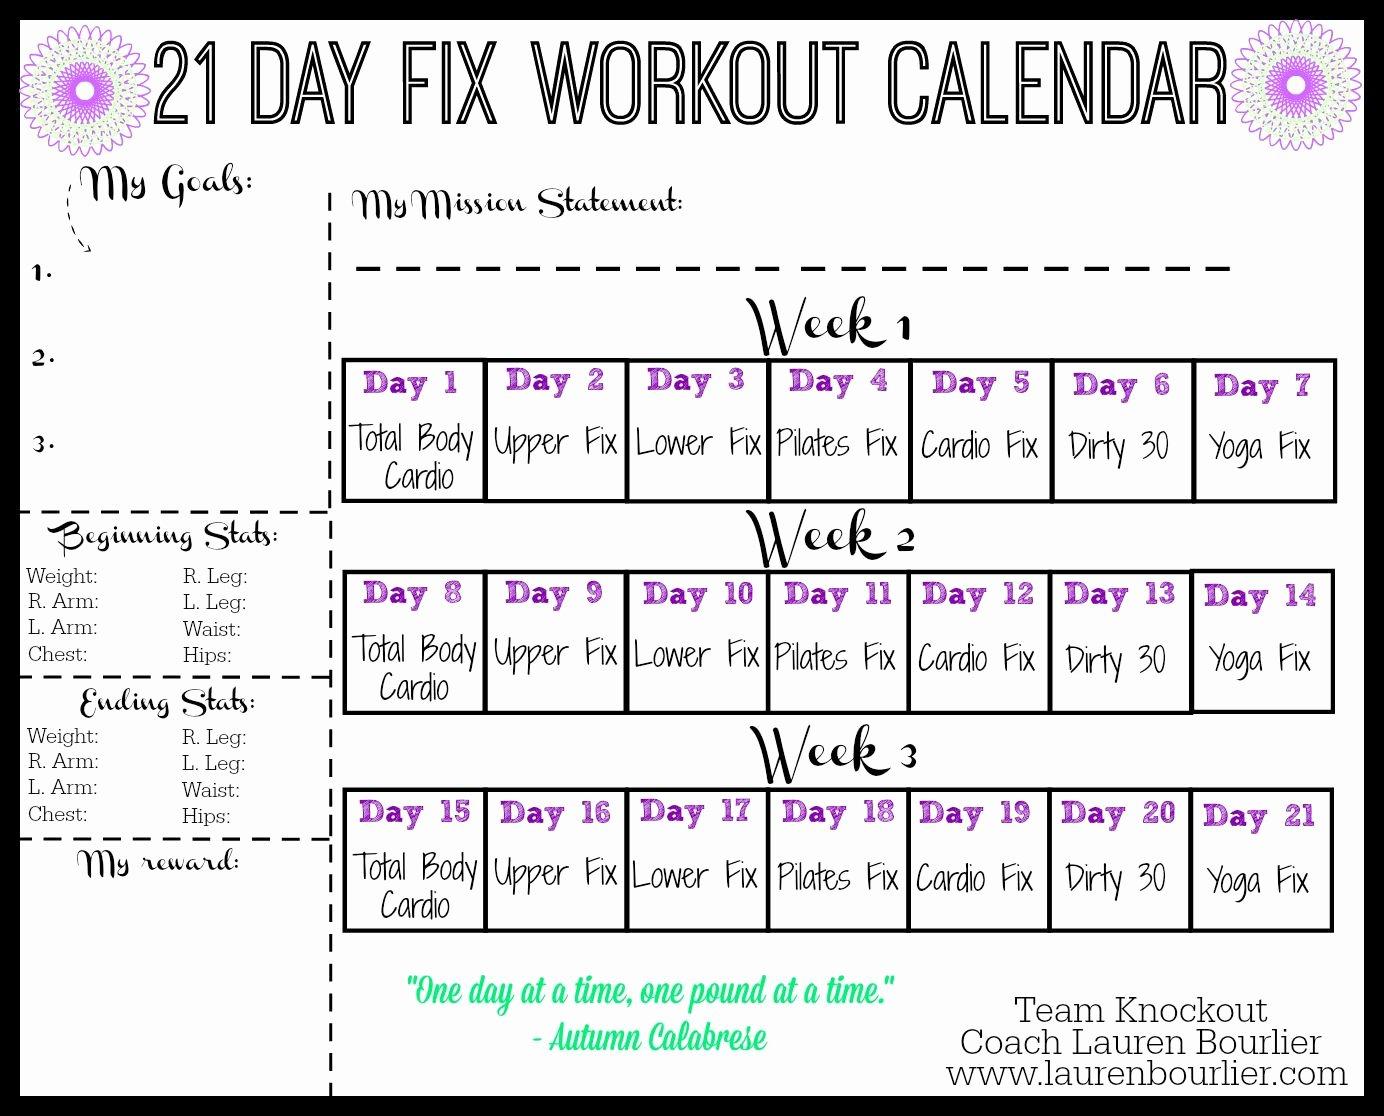 21 Day Fix Calendar Template Fresh 21 Day Fix Workout Calendar Lauren Bourlier